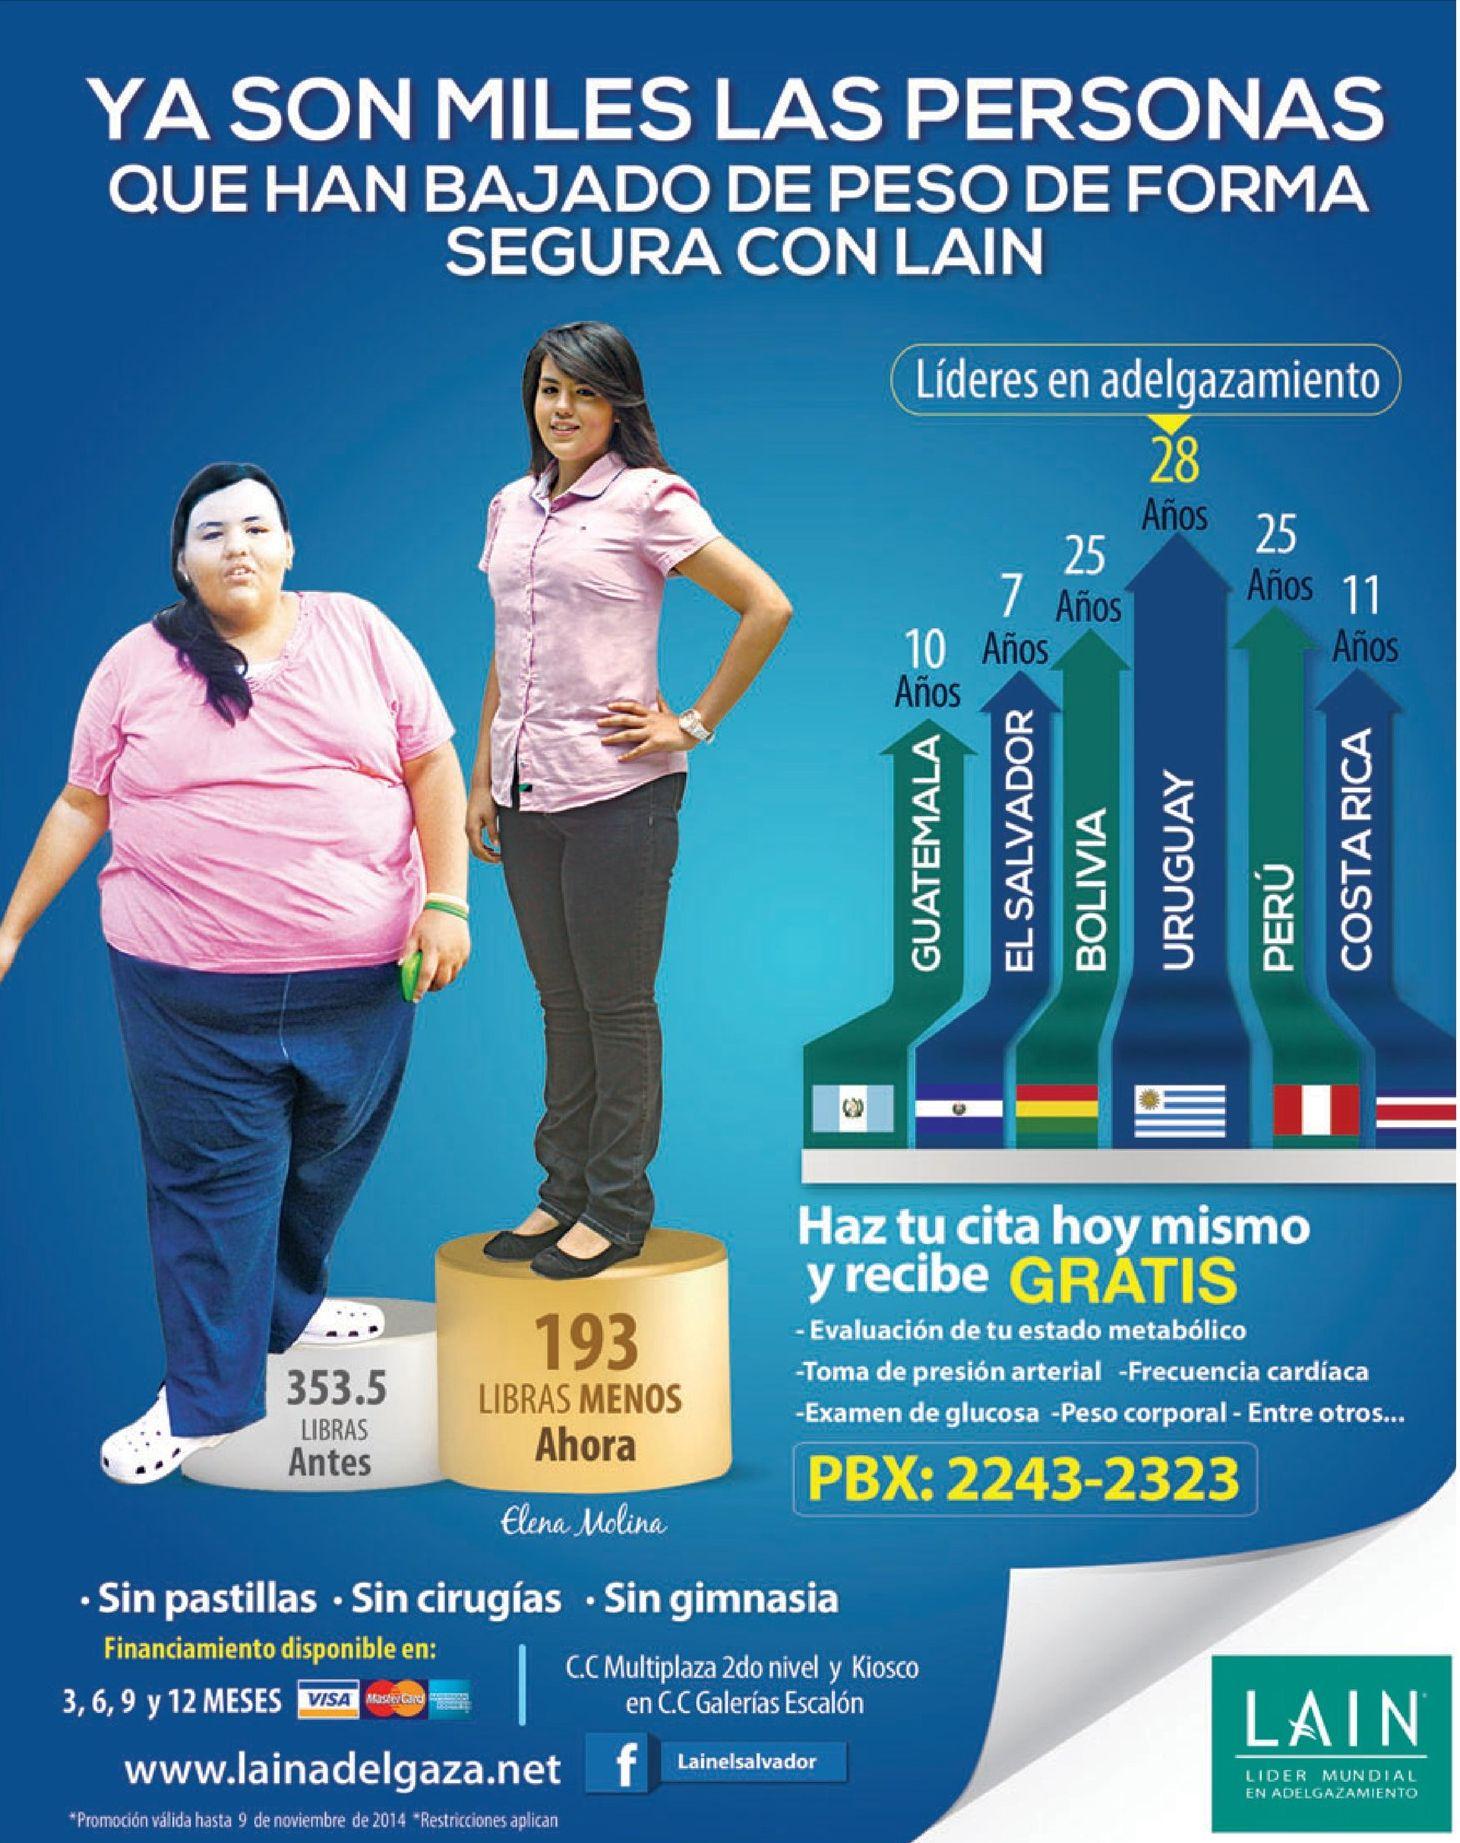 Pastillas para bajar de peso en bolivia